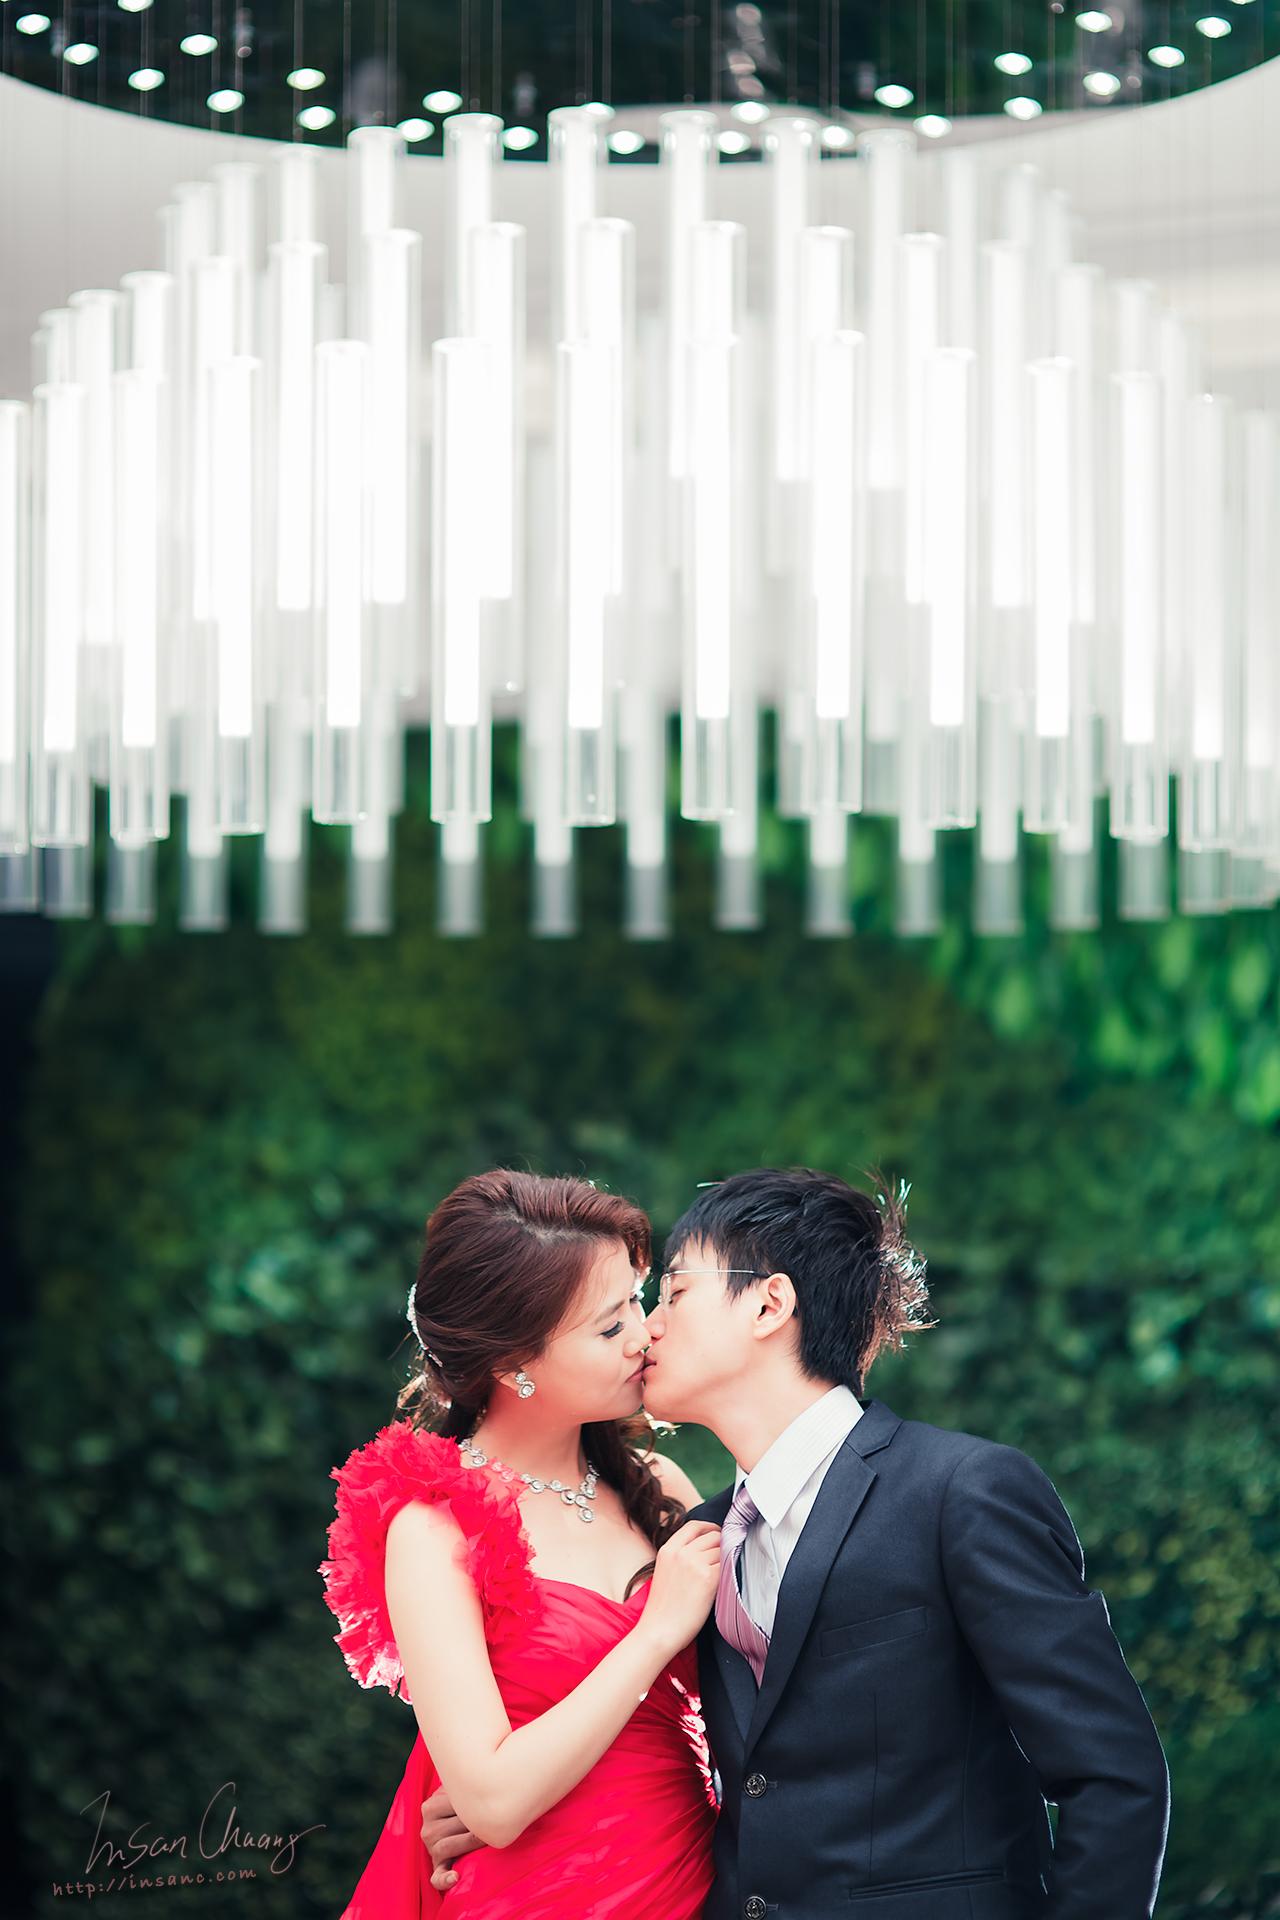 婚禮 婚攝 婚禮記錄 c'e2 自助婚紗 婚攝英聖中壢香江匯水晶燈下的愛情 拷貝